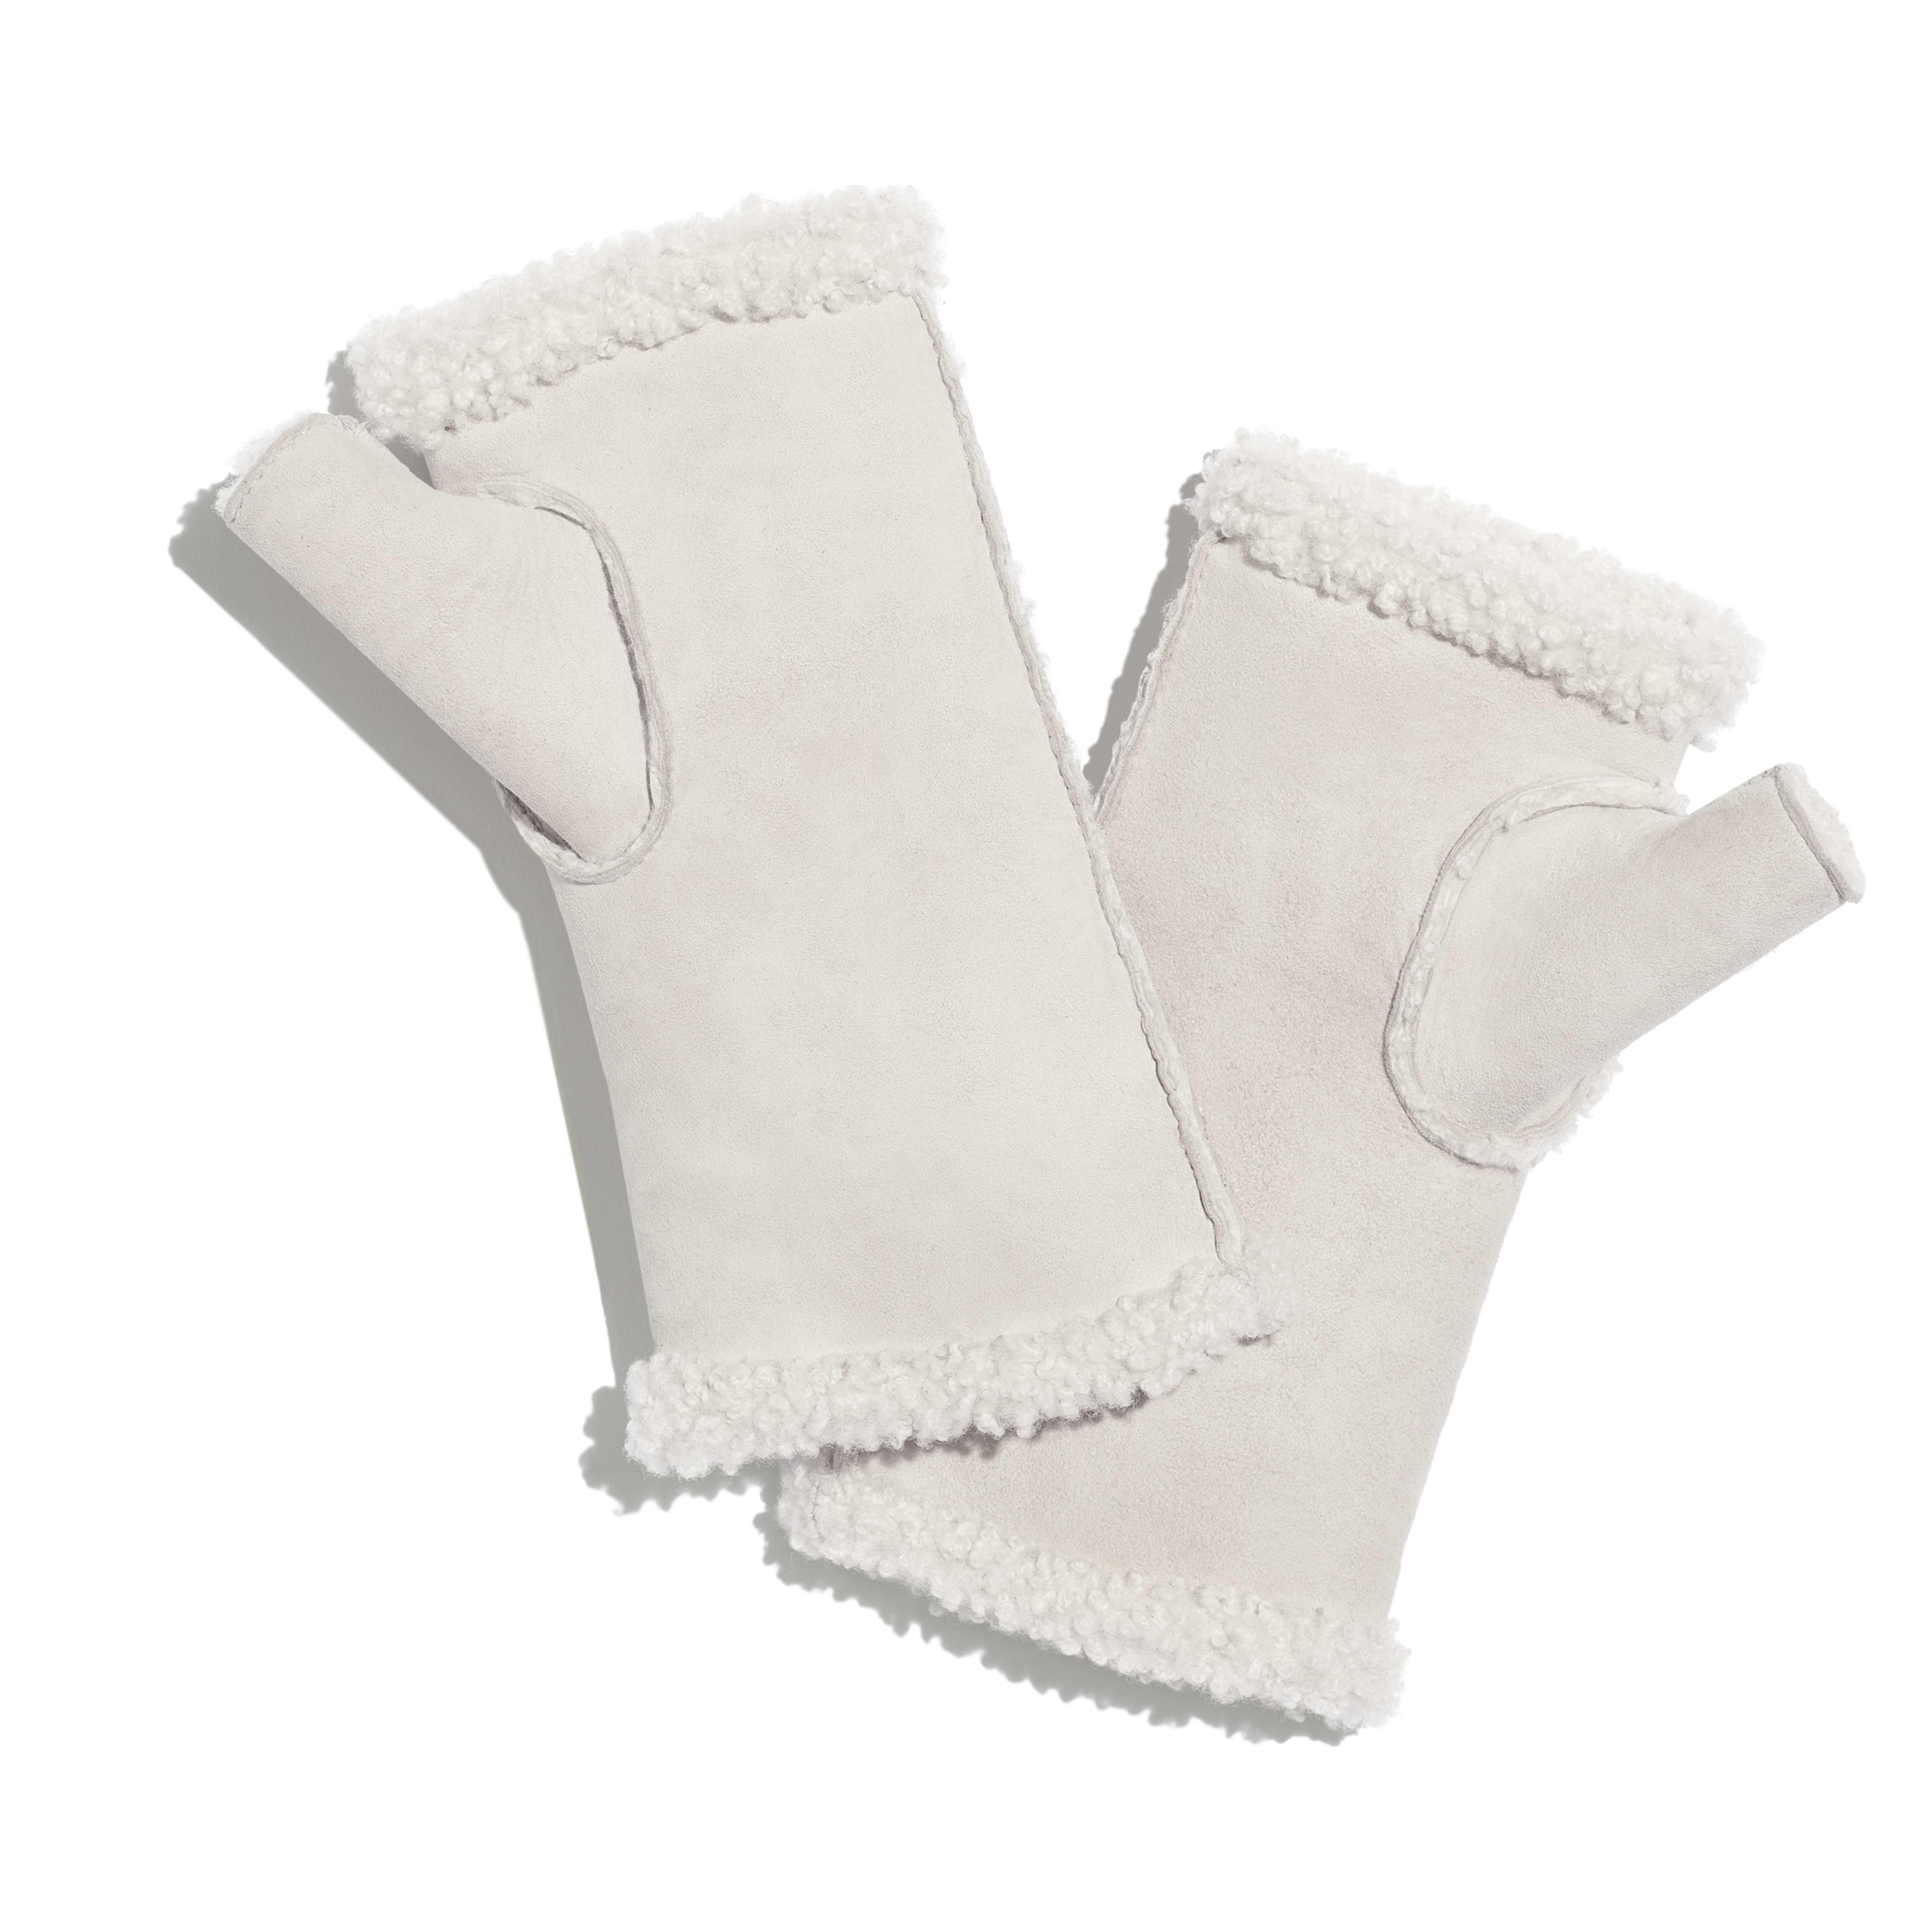 手套 - 象牙白 - 雙面剪羊毛 & 水鑽 - 替代視圖 - 查看全尺寸版本